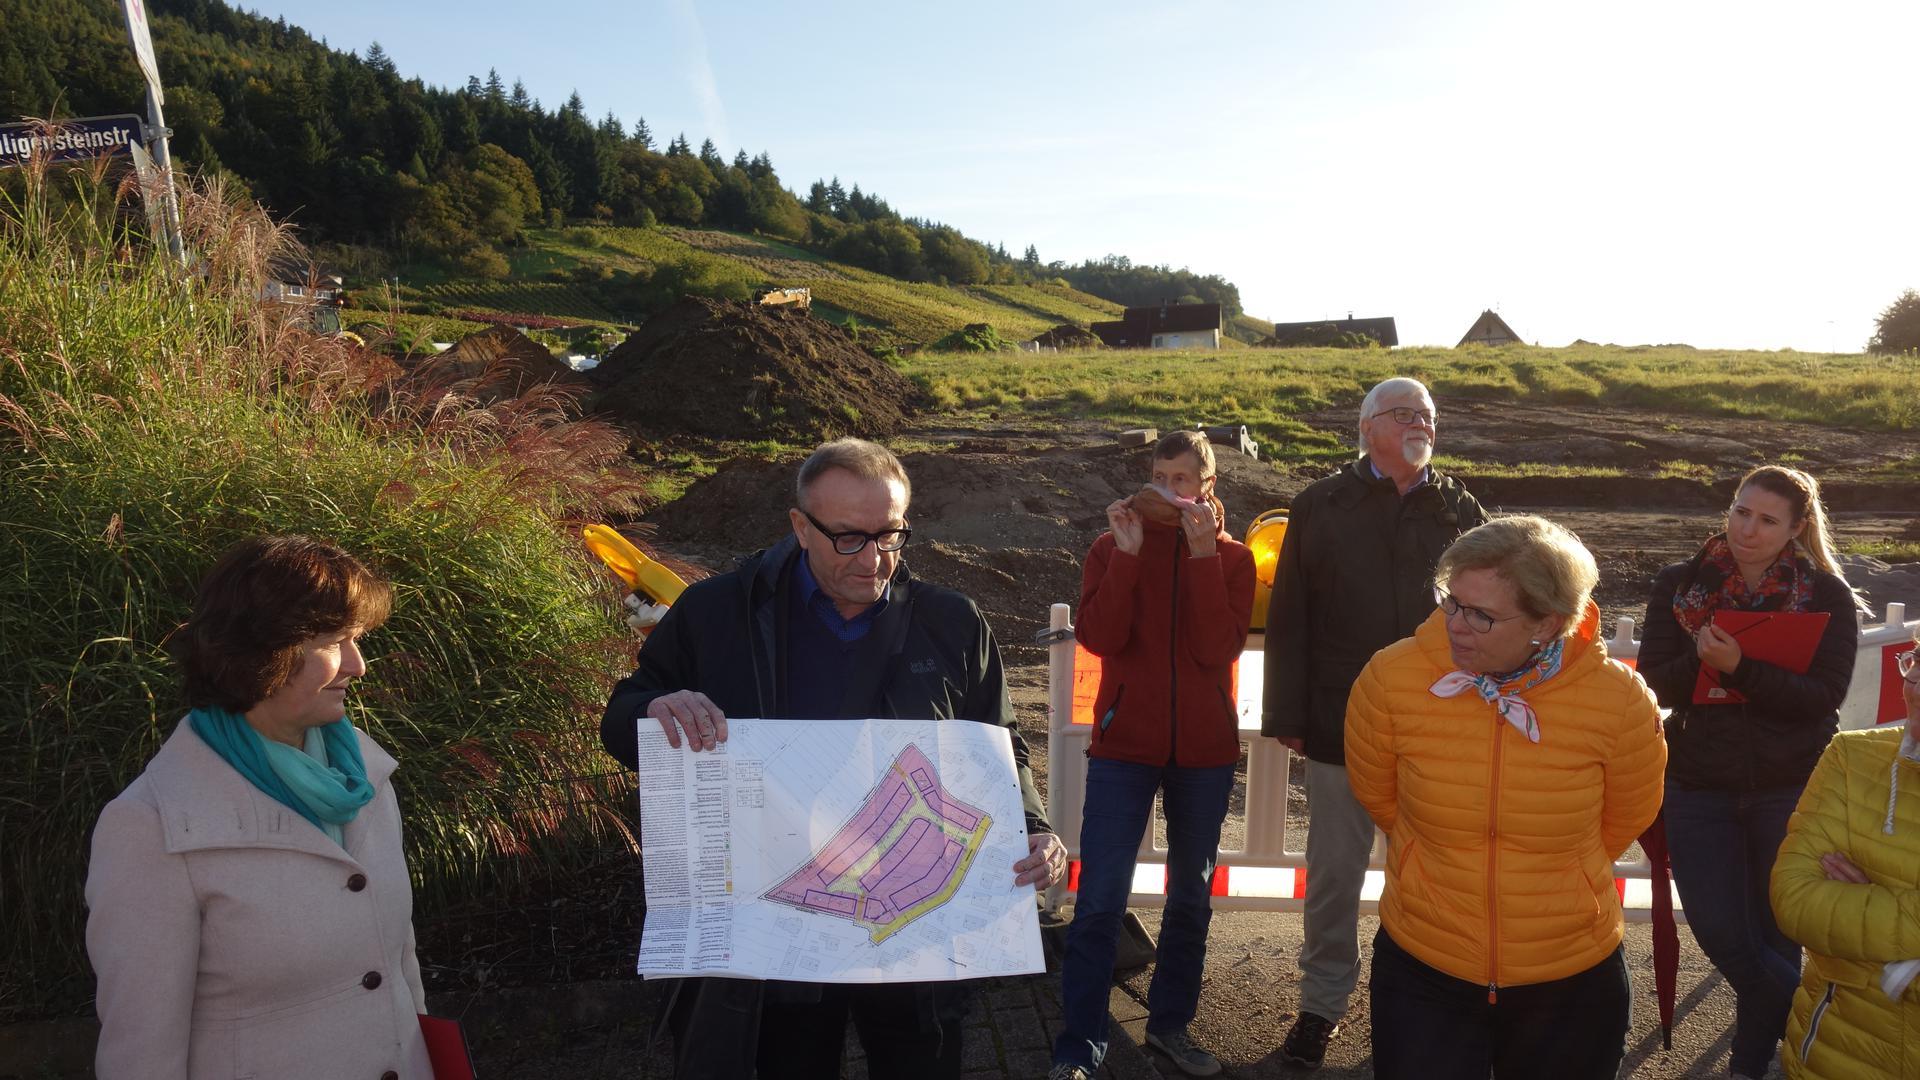 Interesse am Baugebiet: An der Weinstraße in Neuweier kommen die Erschließungsarbeiten voran. Bei einem Rundgang stellten Bürger  Fragen an OB Margret Mergen.